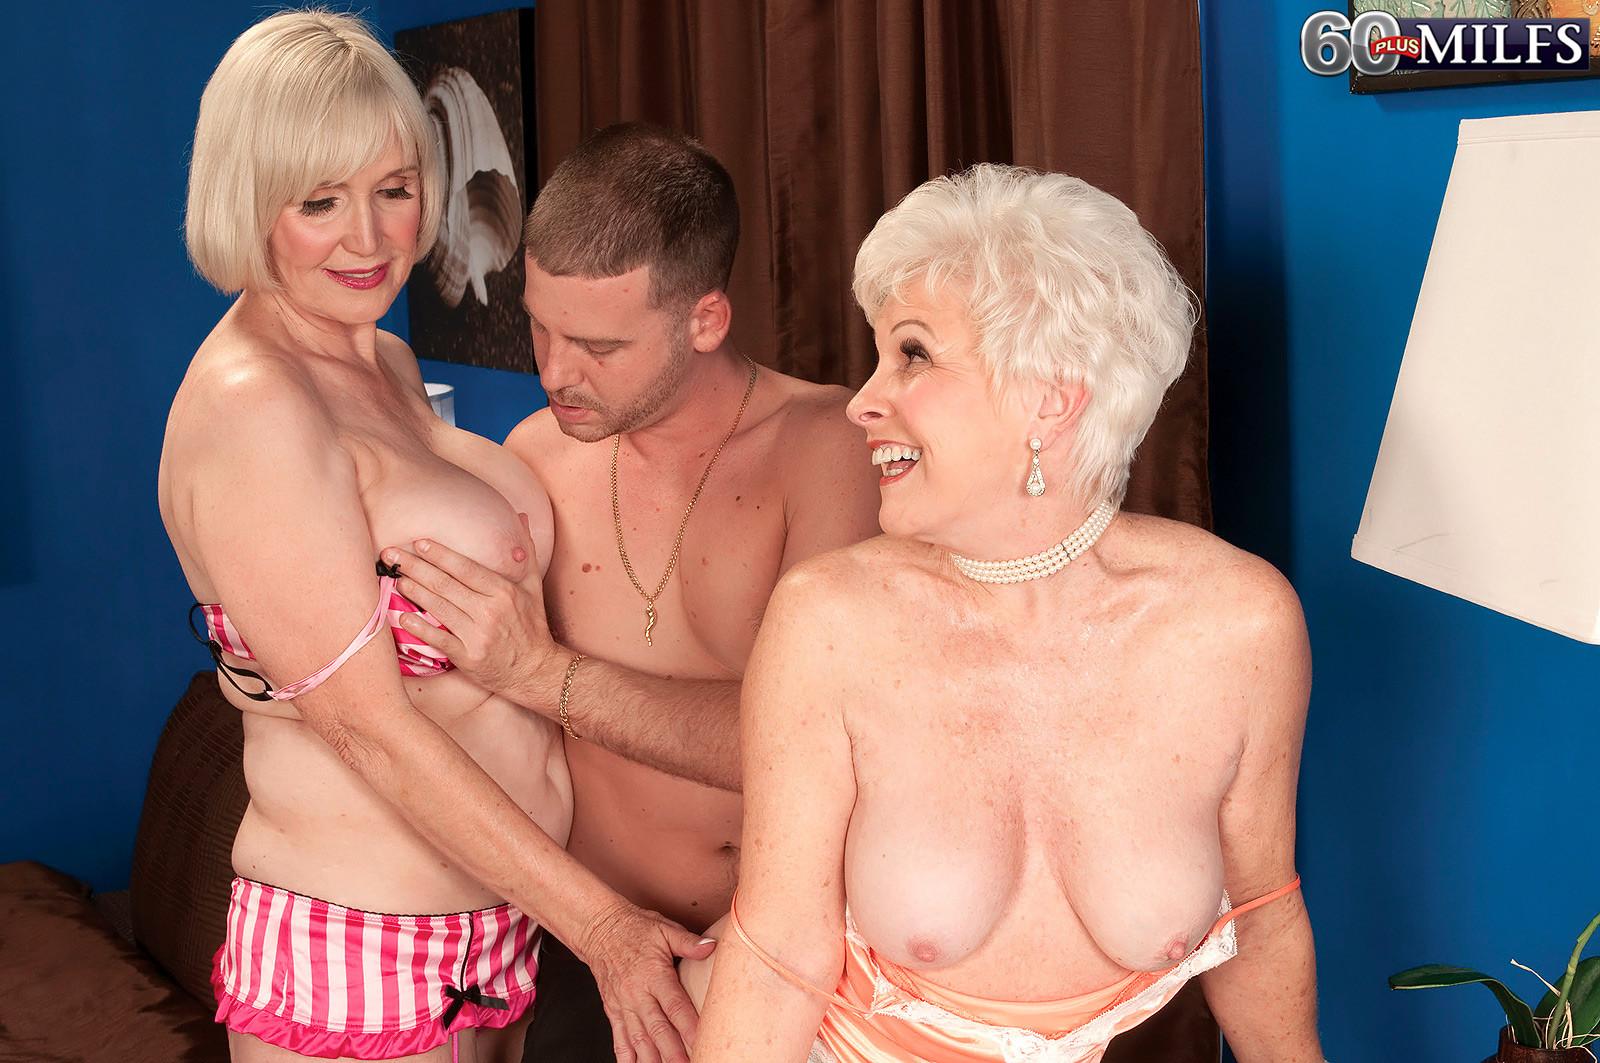 Busty Ffm Milf Threesome